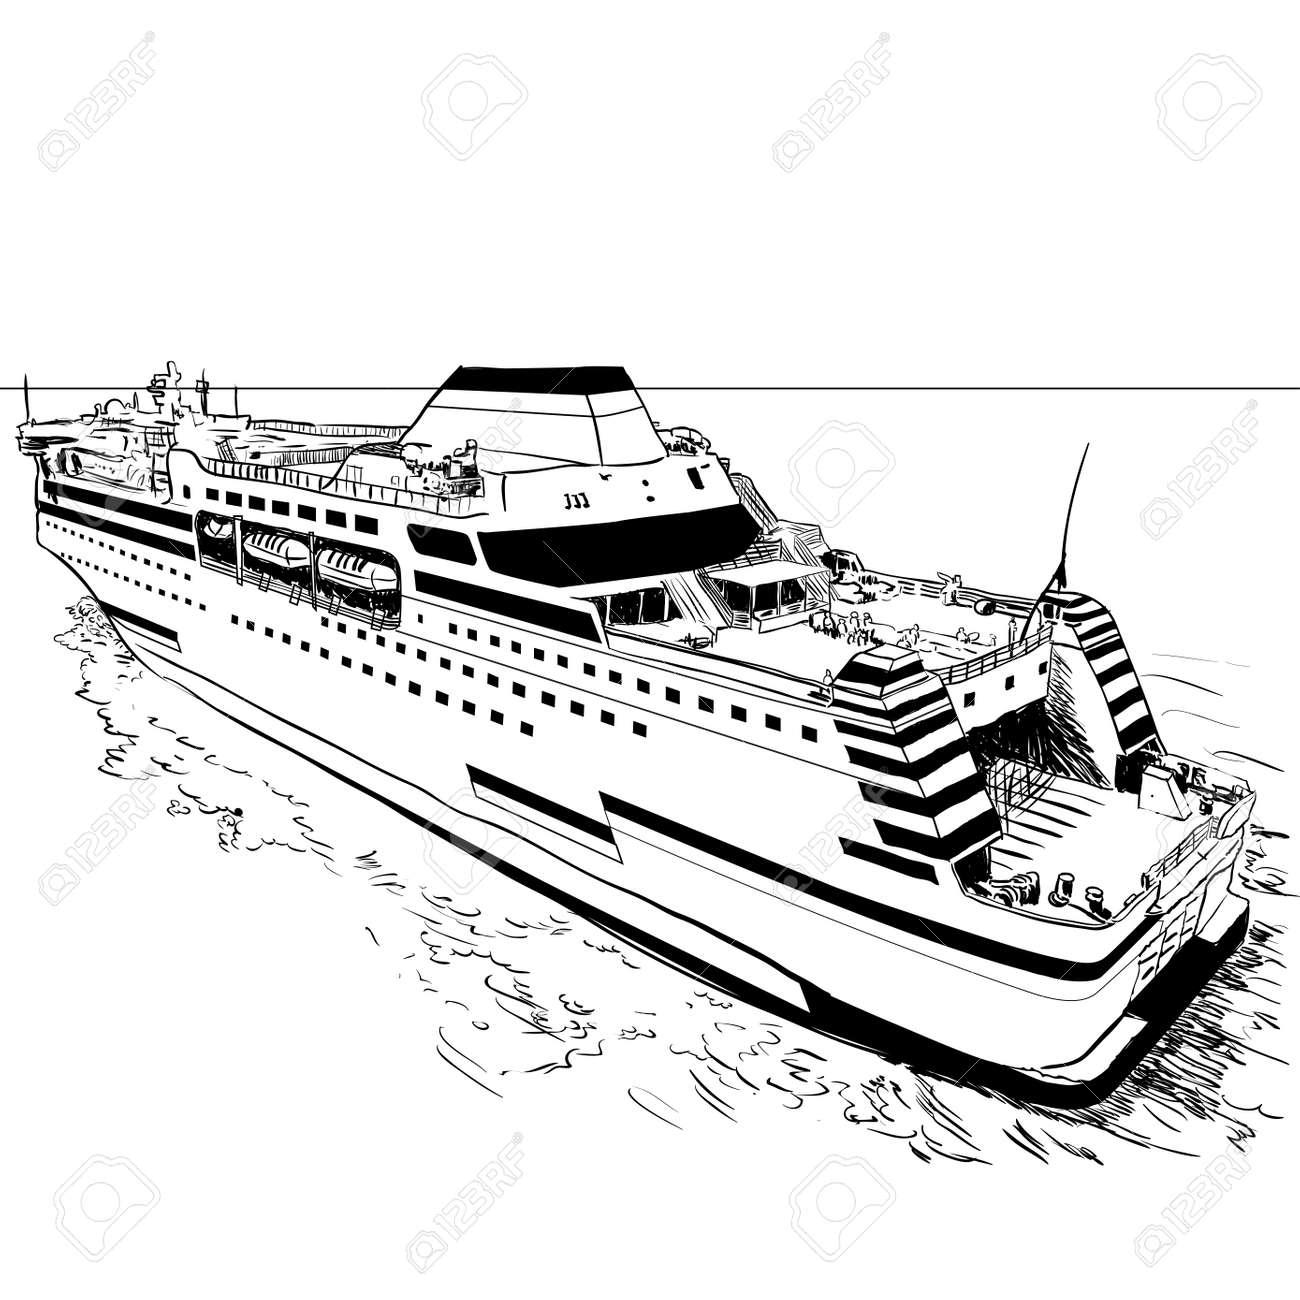 Bosquejo Dibujado Mano Del Transbordador, Blanco Y Negro Línea ...